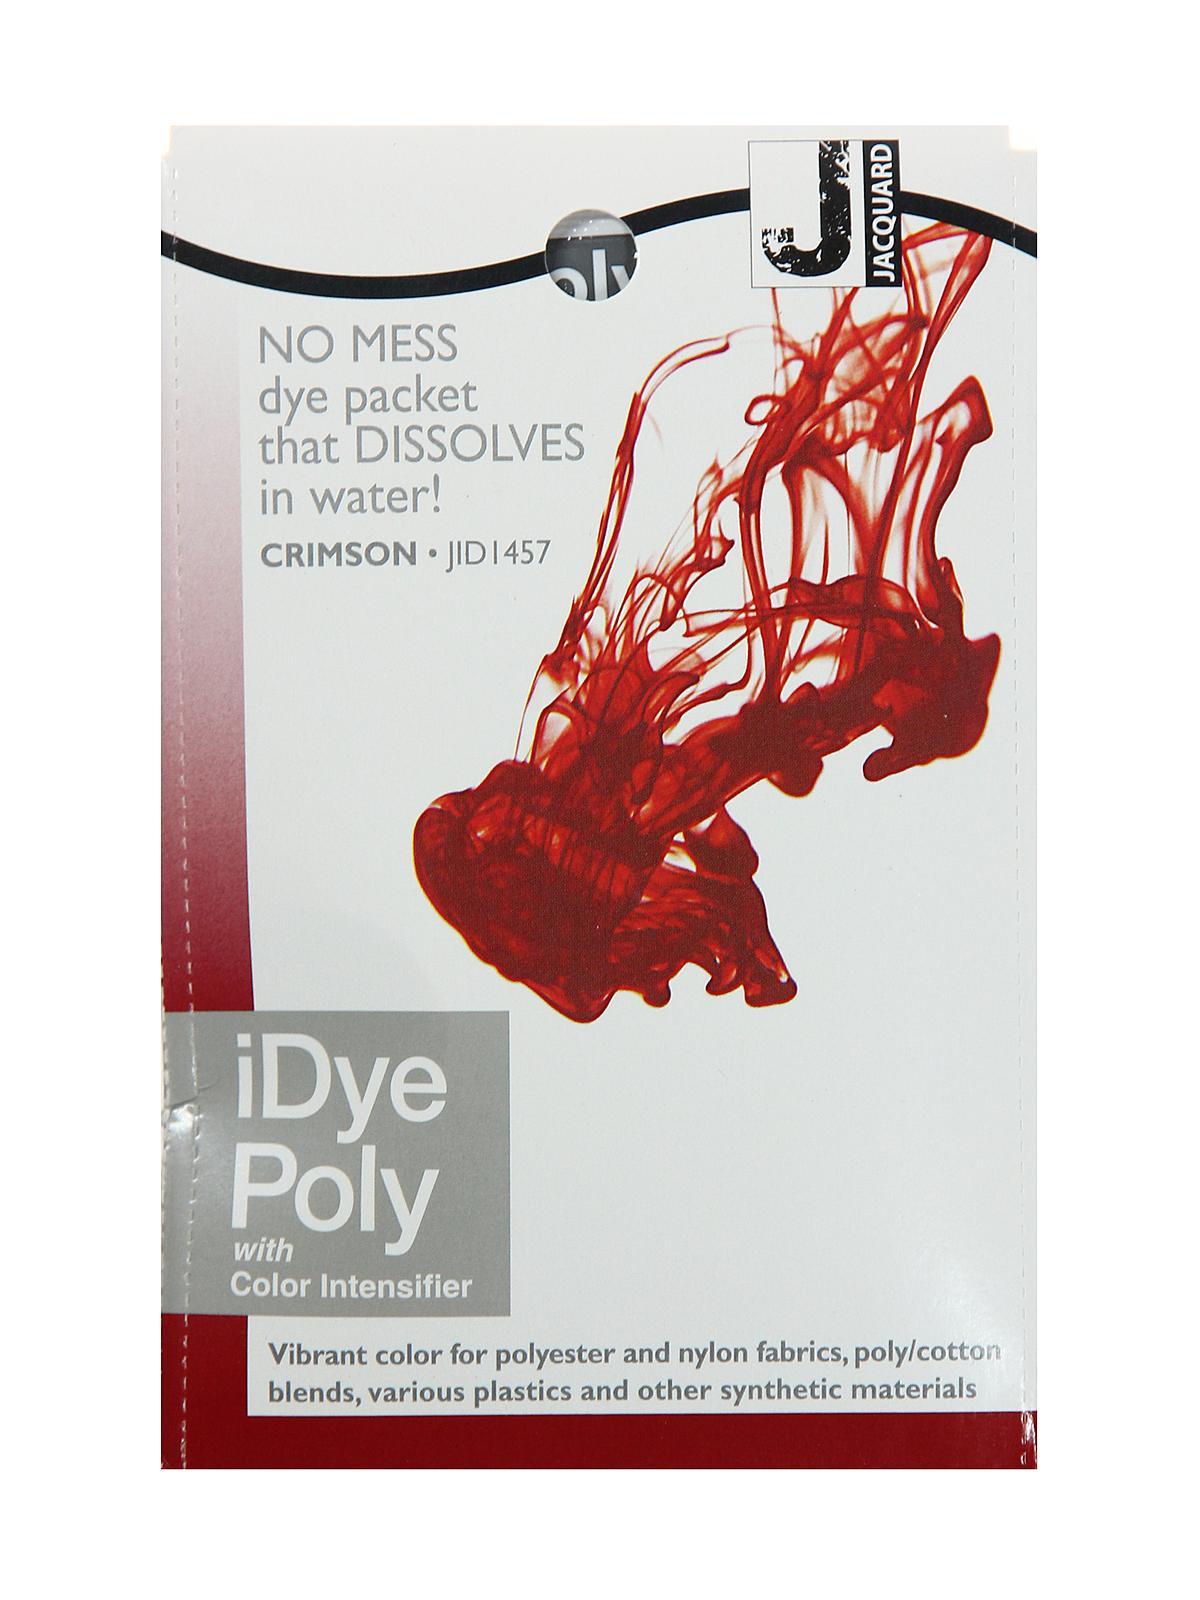 idye poly washing machine